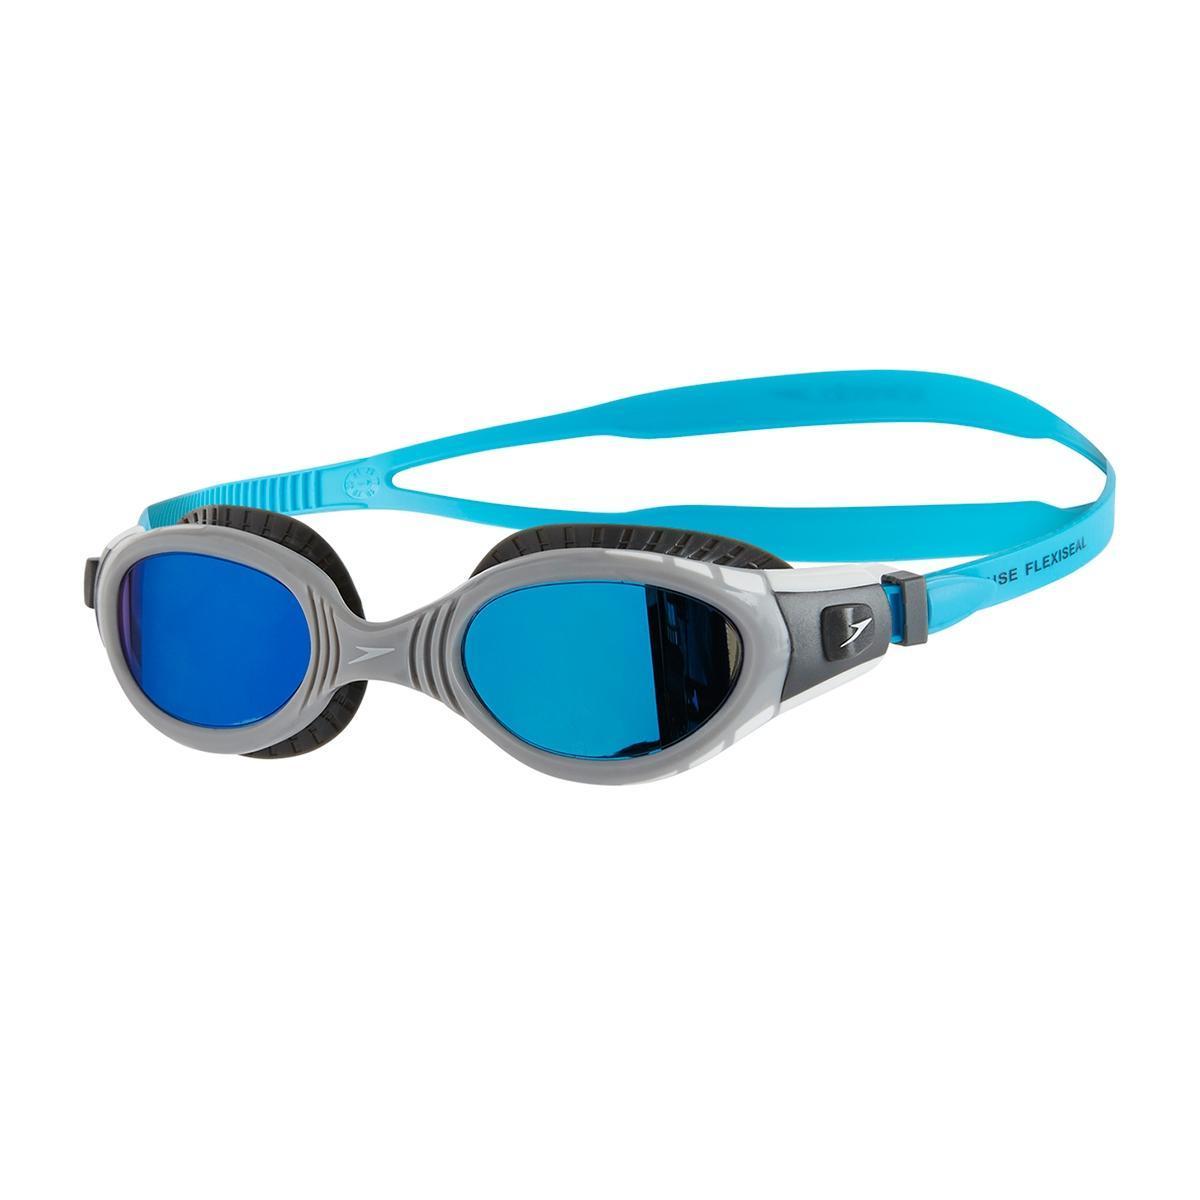 Очки для плавания Speedo futura biofuse mirror flexiseal au (MD)